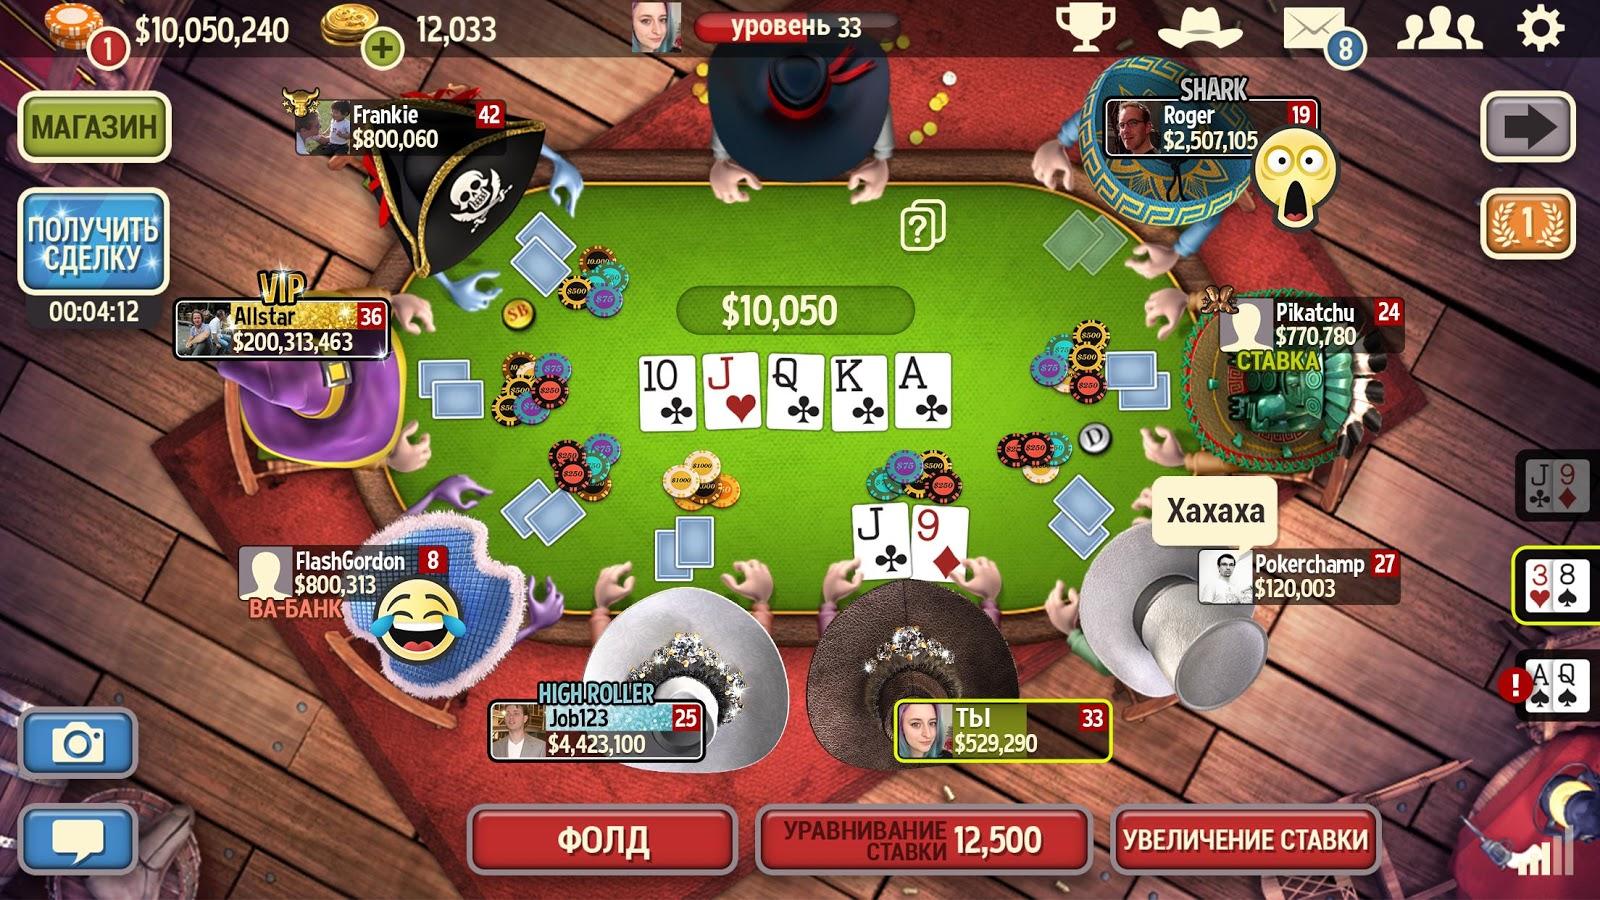 Безопасно ли играть в интернет казино